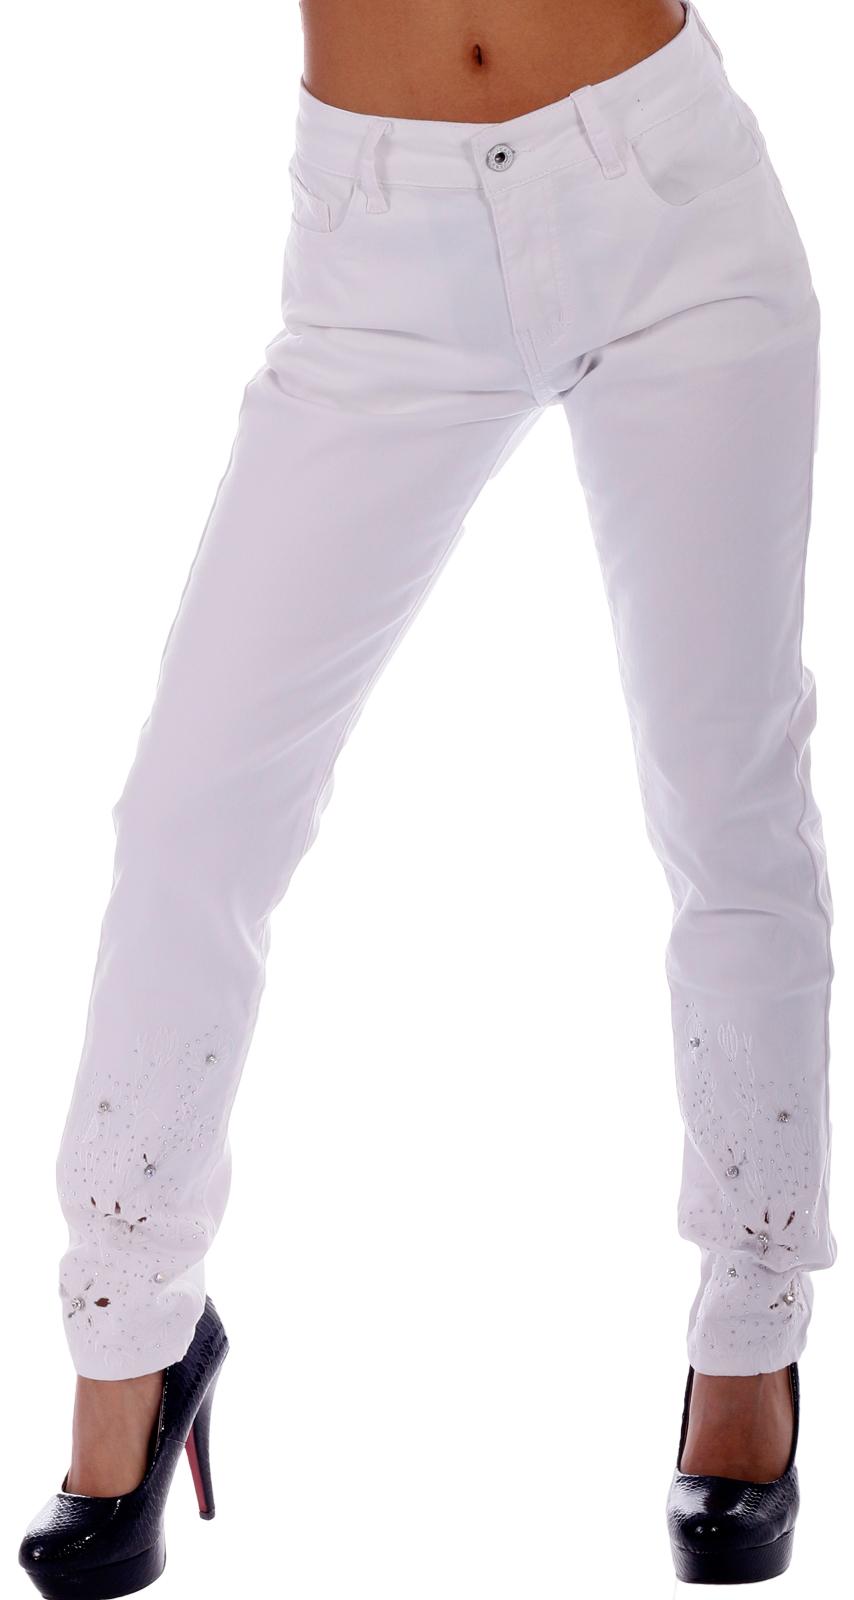 Jeans skinny mit strassverzierungen - Stickerei applikationen ...